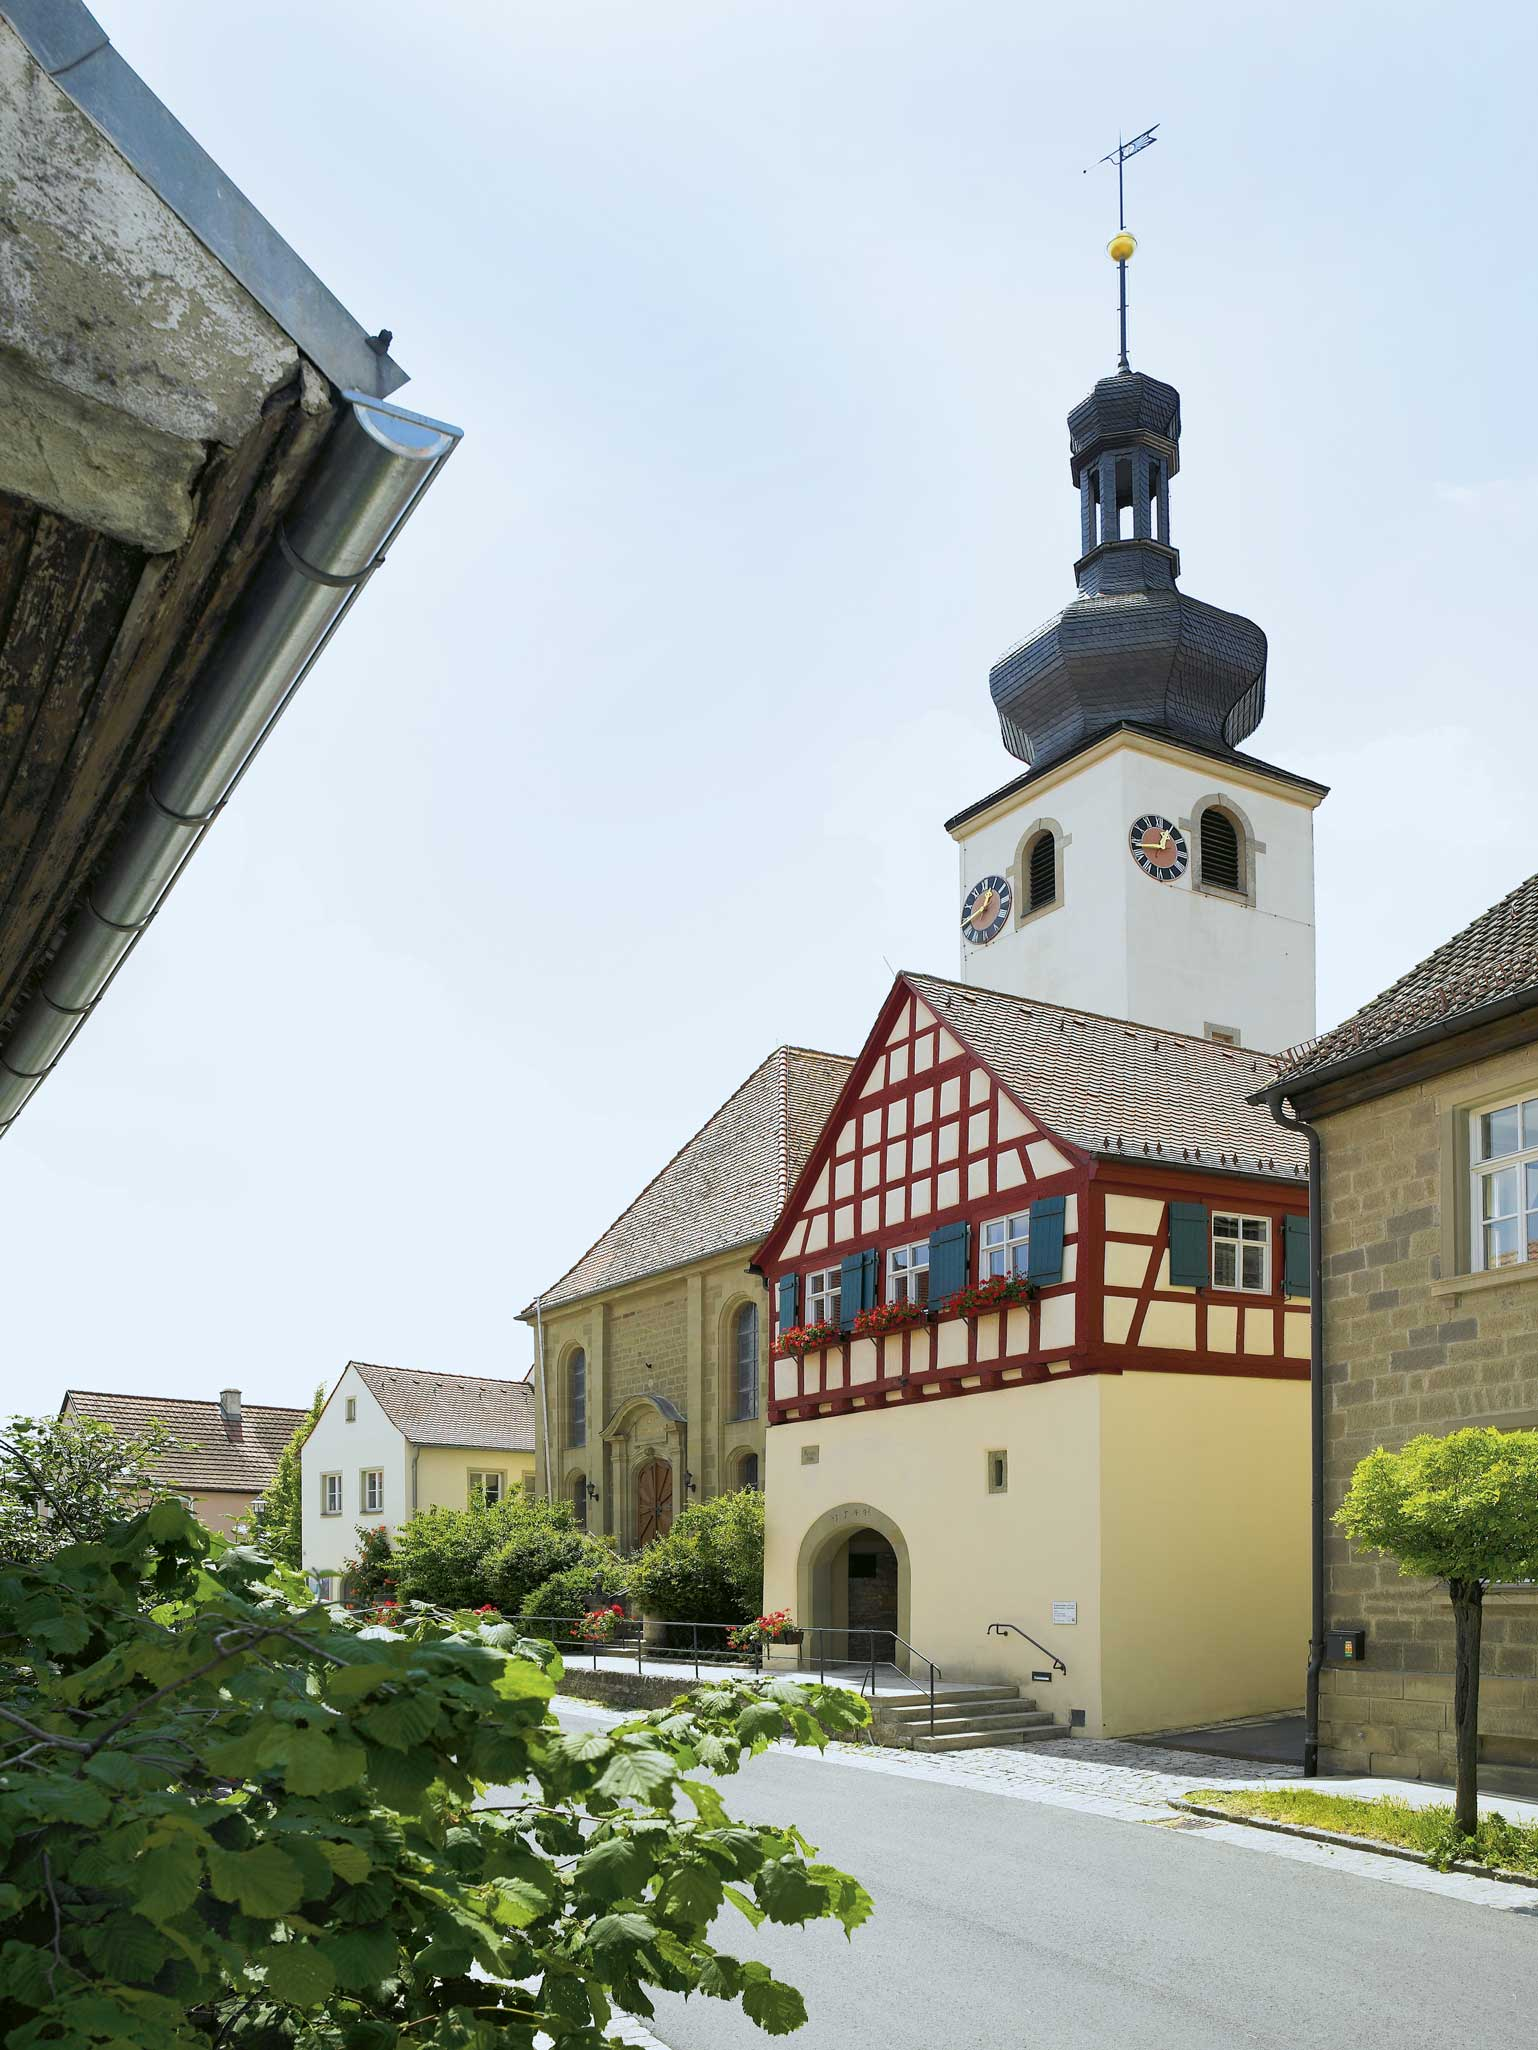 Nenzenheim